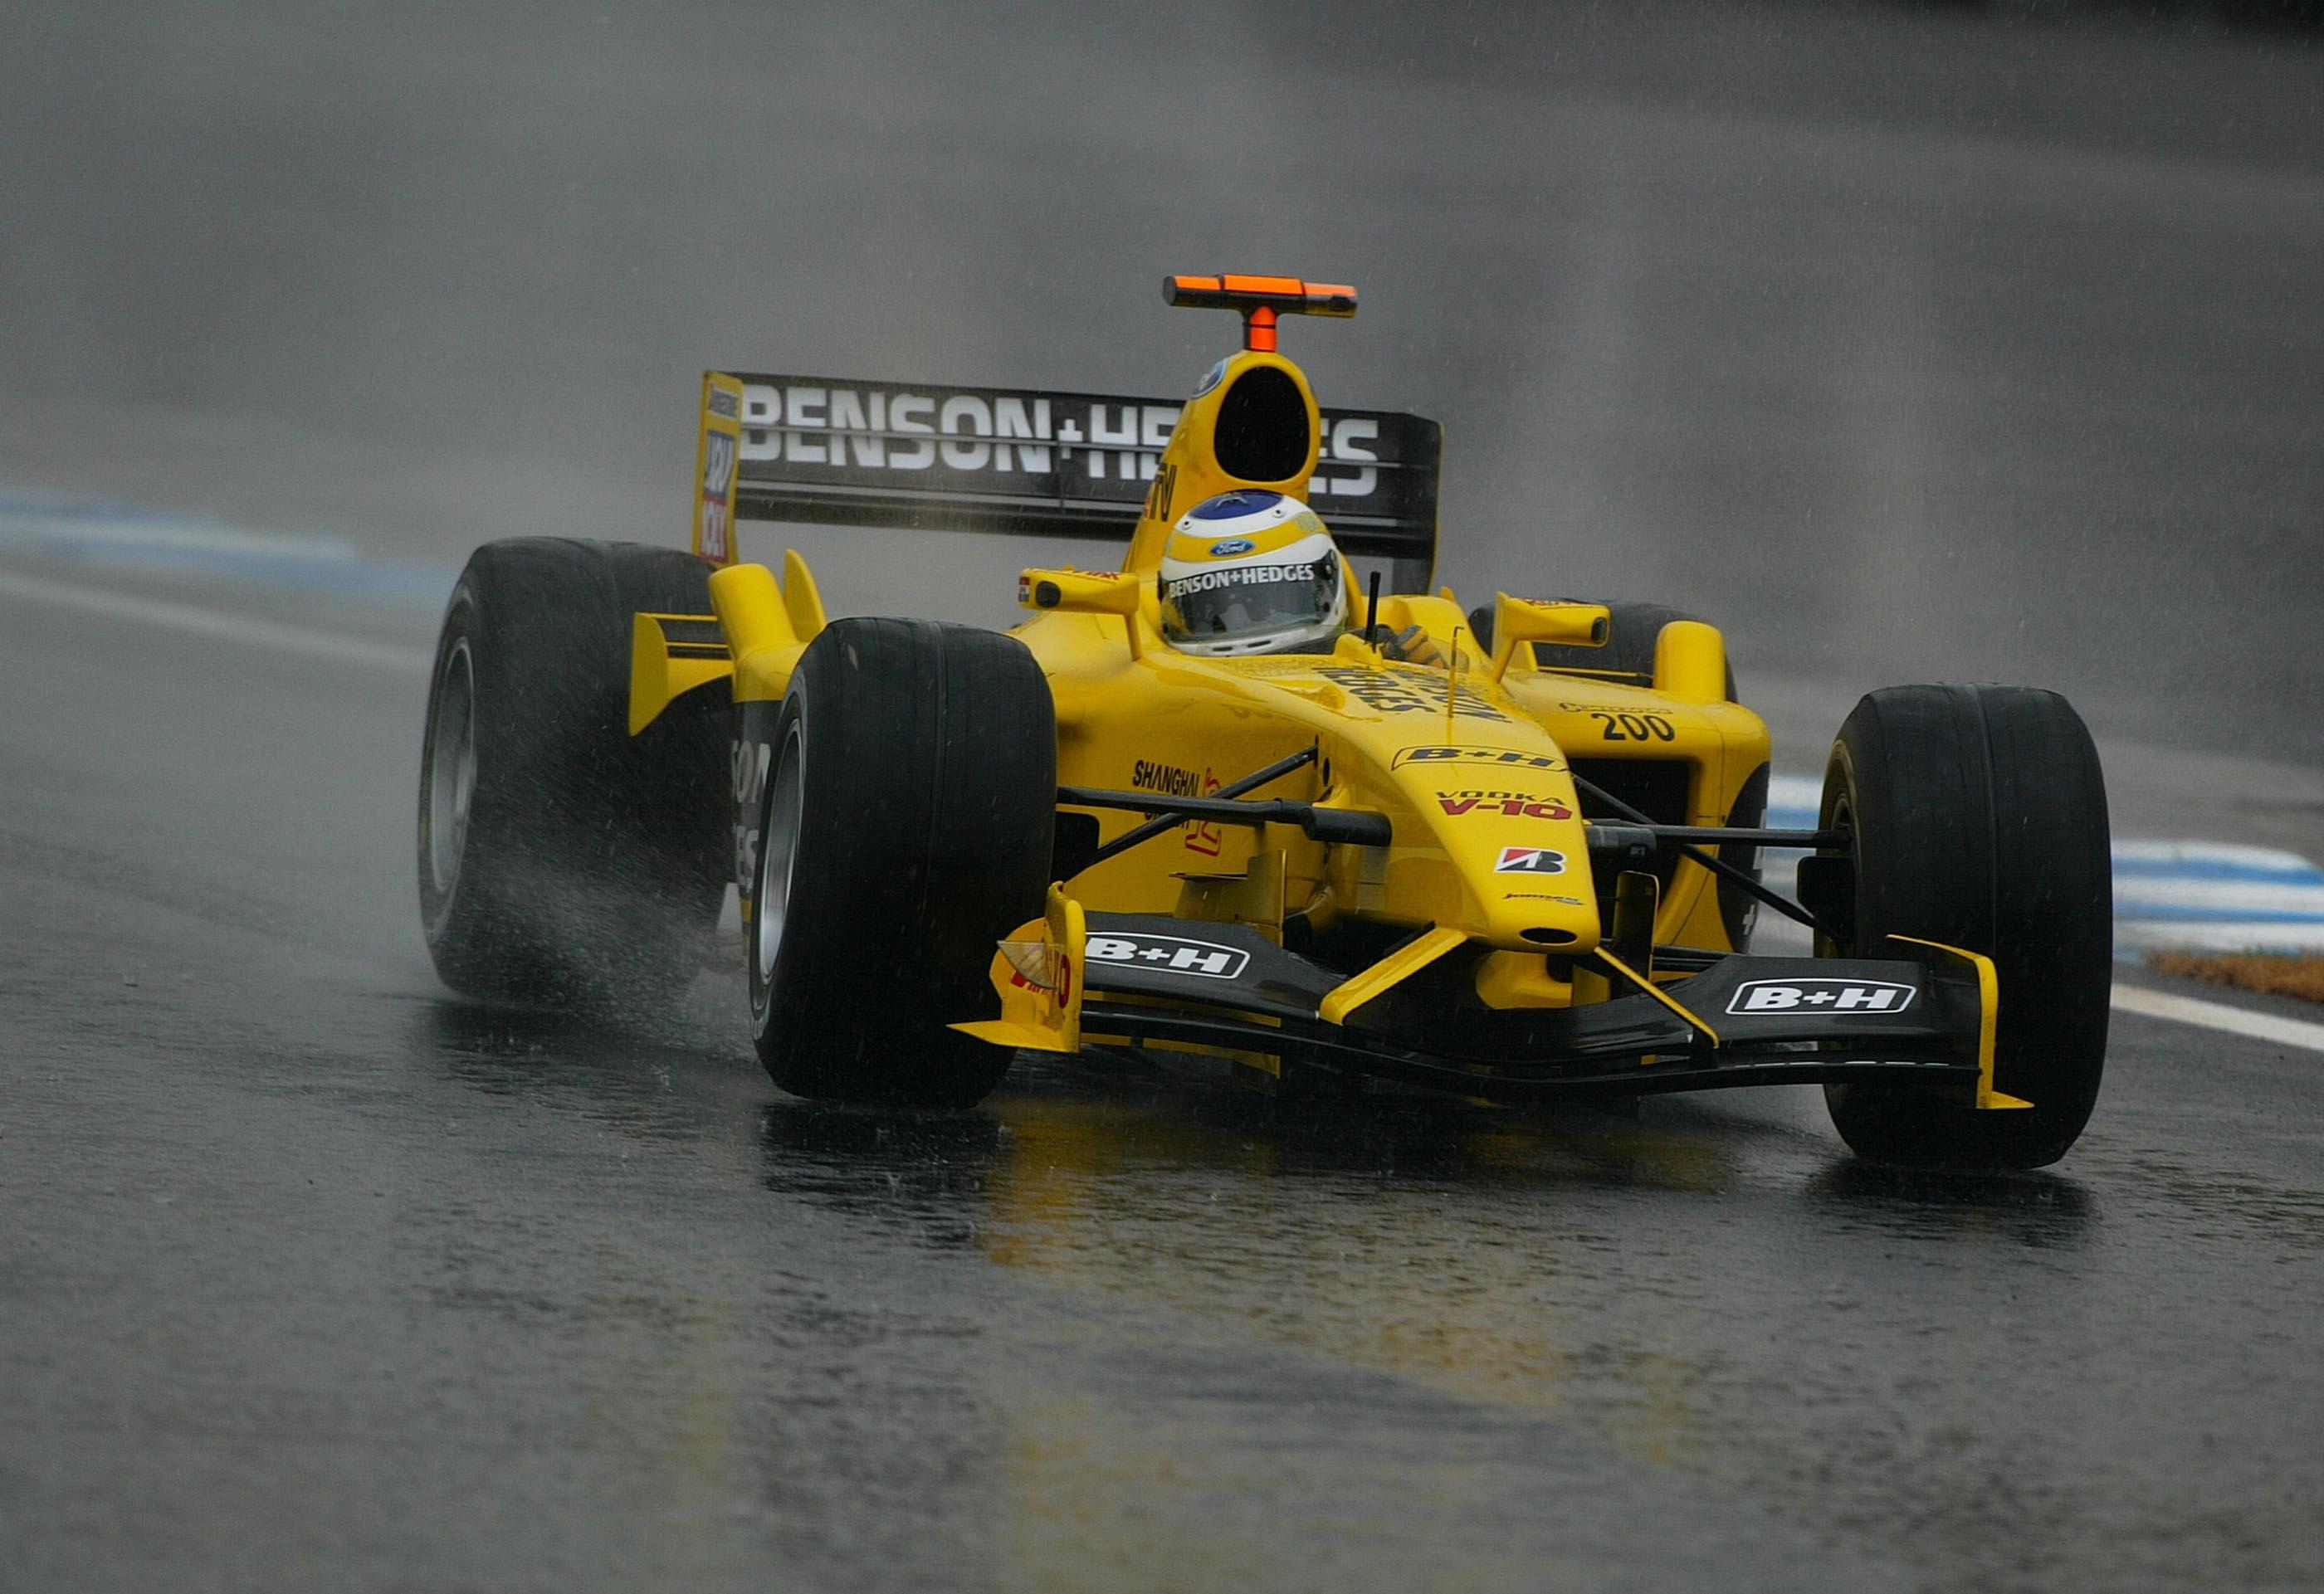 Giancarlo Fisichella Jordan Brazilian Grand Prix 2003 Interlagos